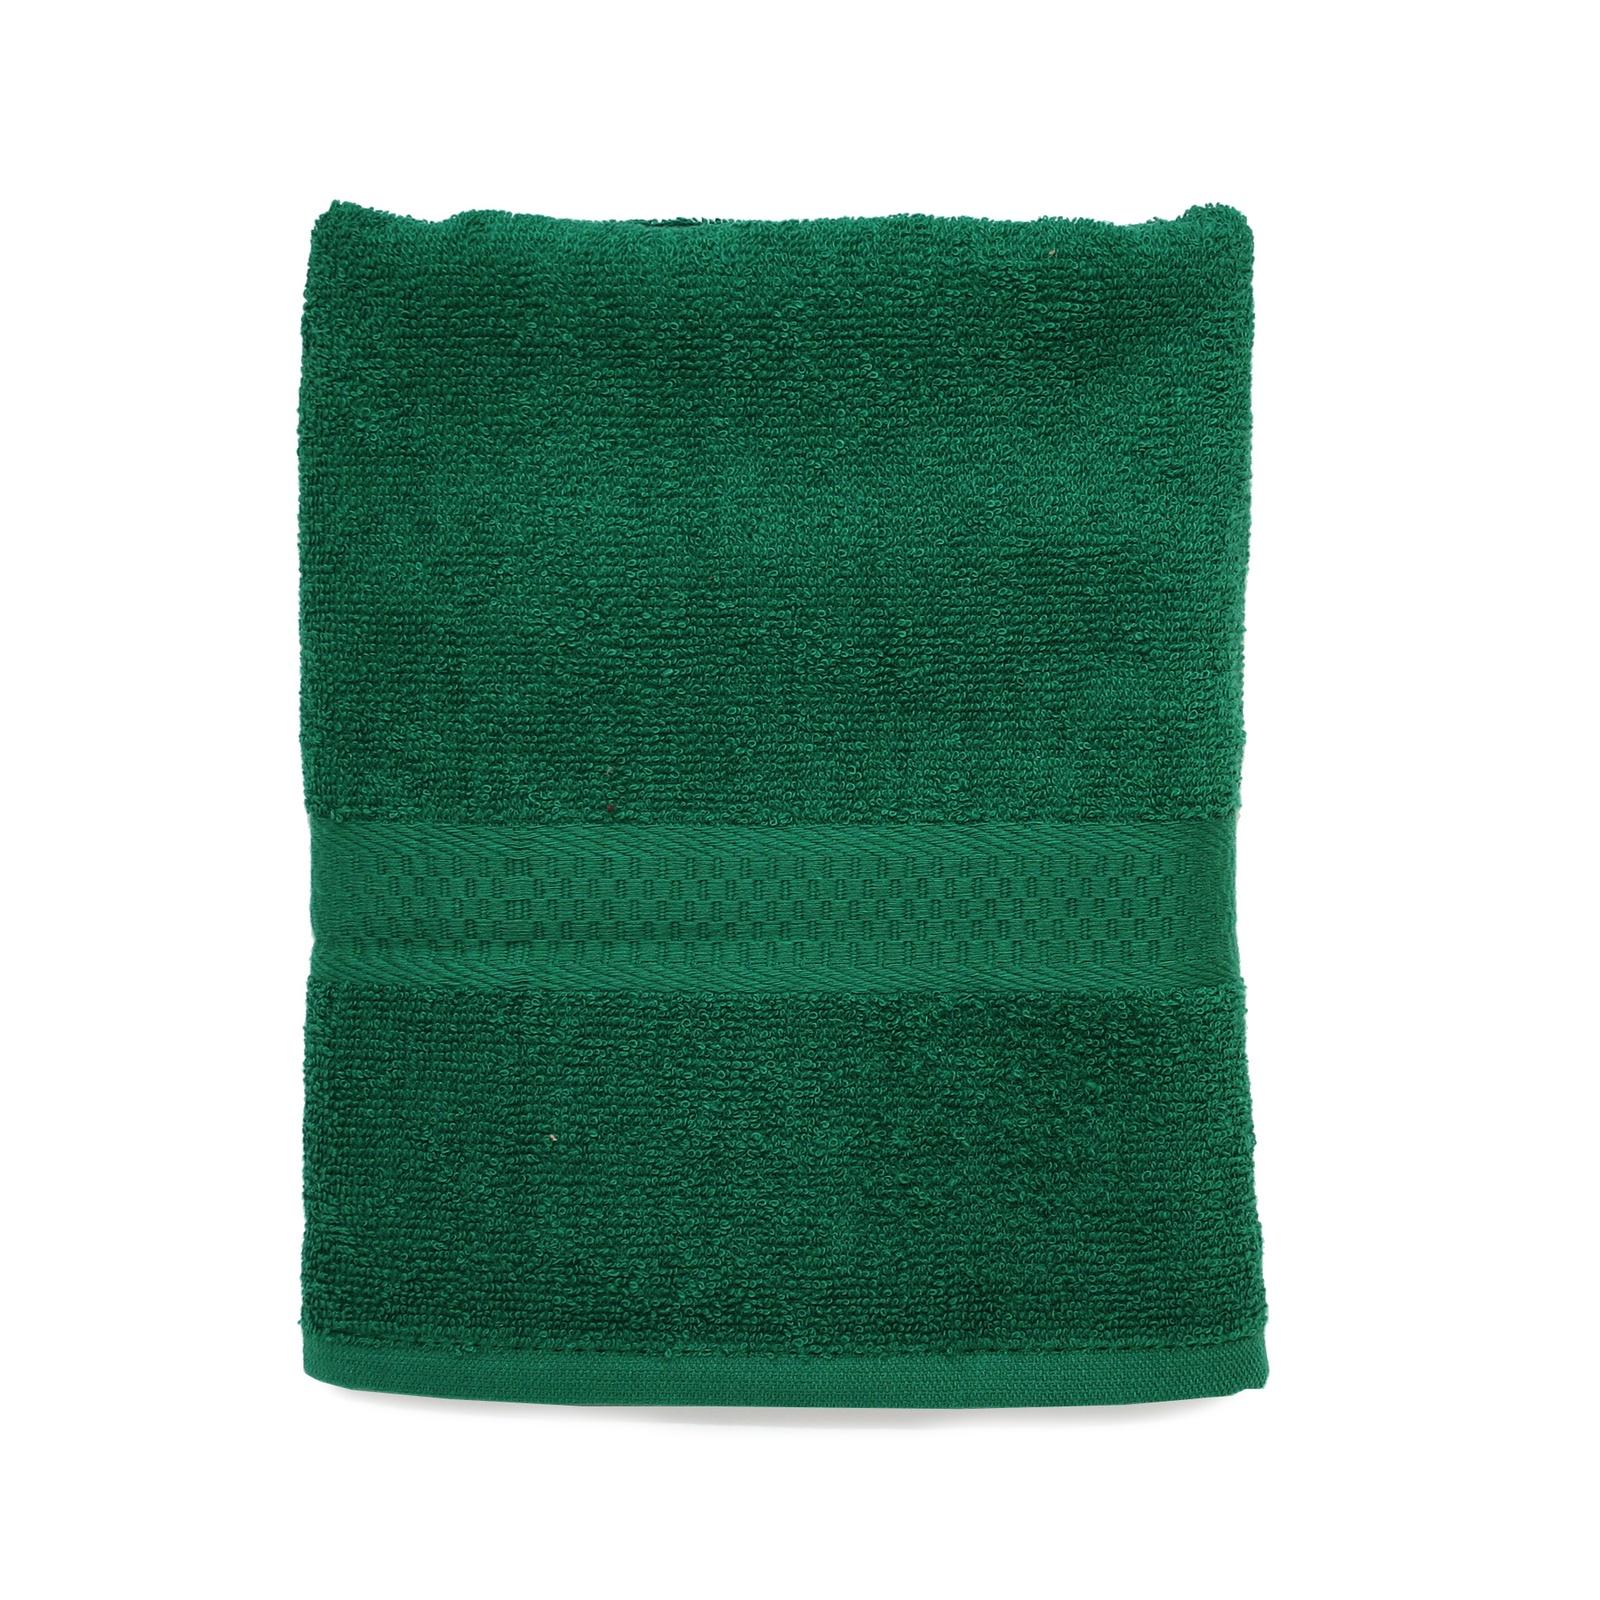 Полотенце банное Spany, 21311318178, махровое, зеленый, 50 х 90 см полотенце банное fiesta arabesca 50 90 см